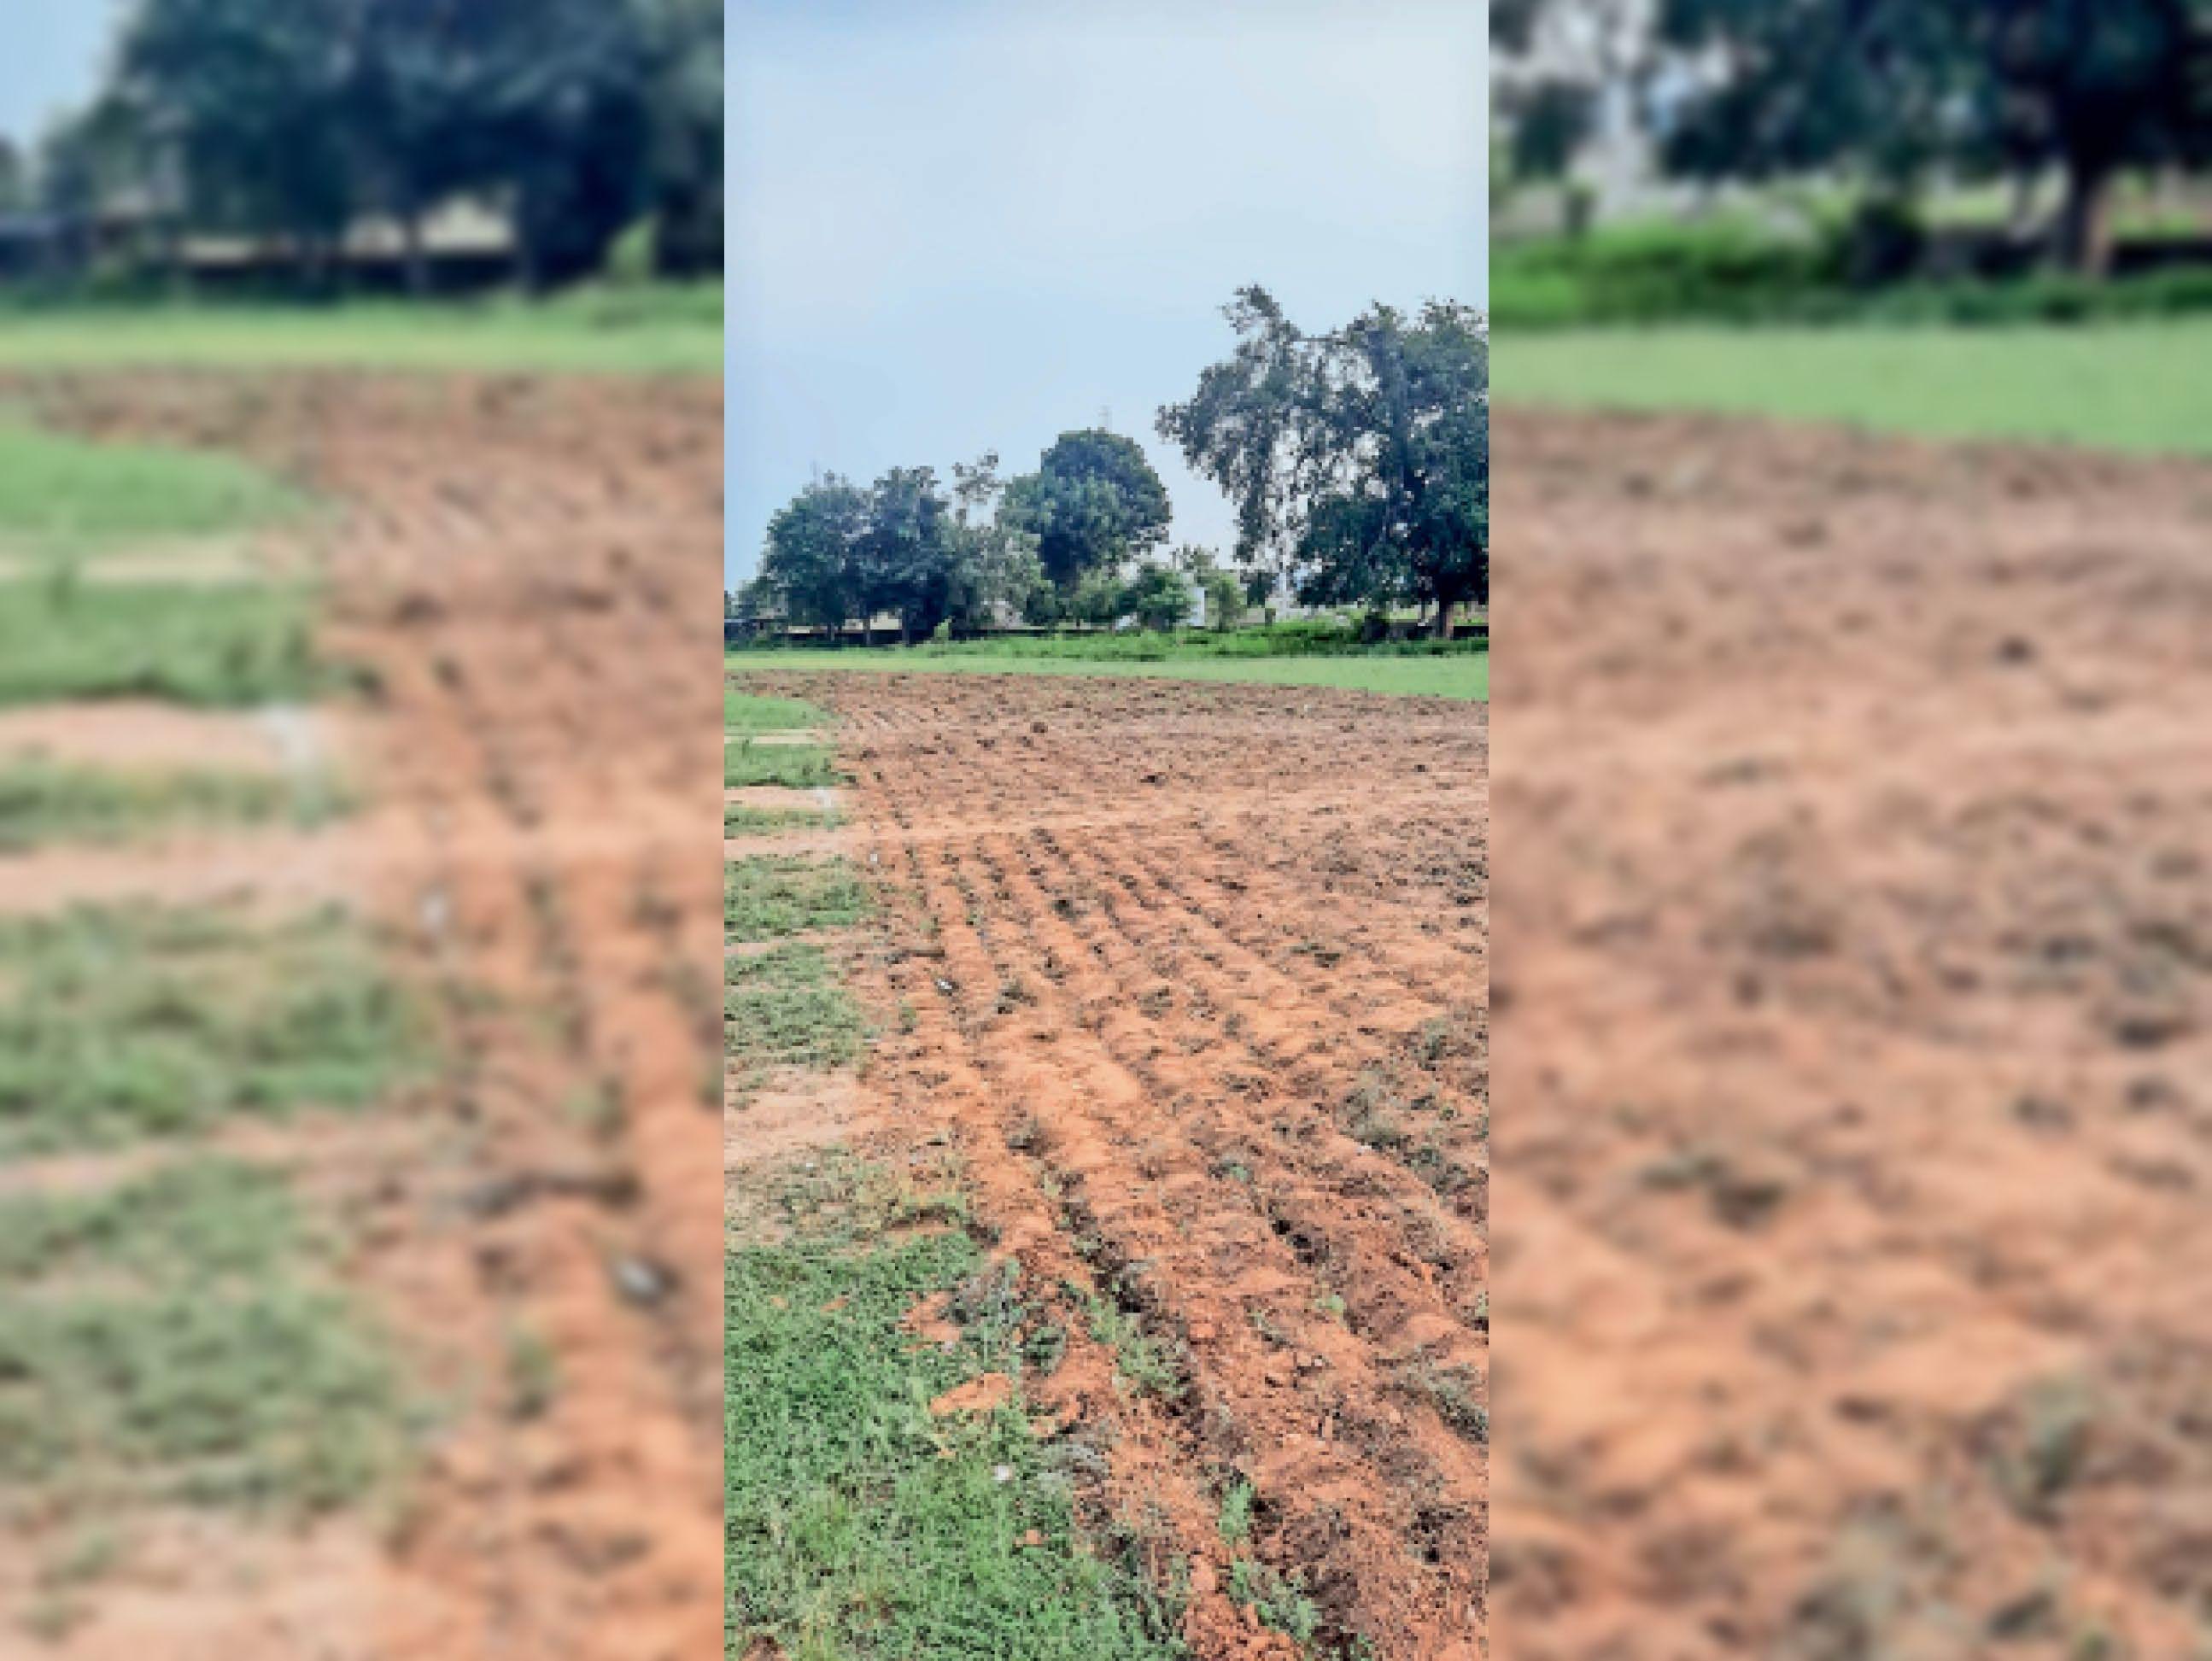 राउमावी में ट्रेक बनाने के लिए मैदान के बीच में खोदा गया। - Dainik Bhaskar